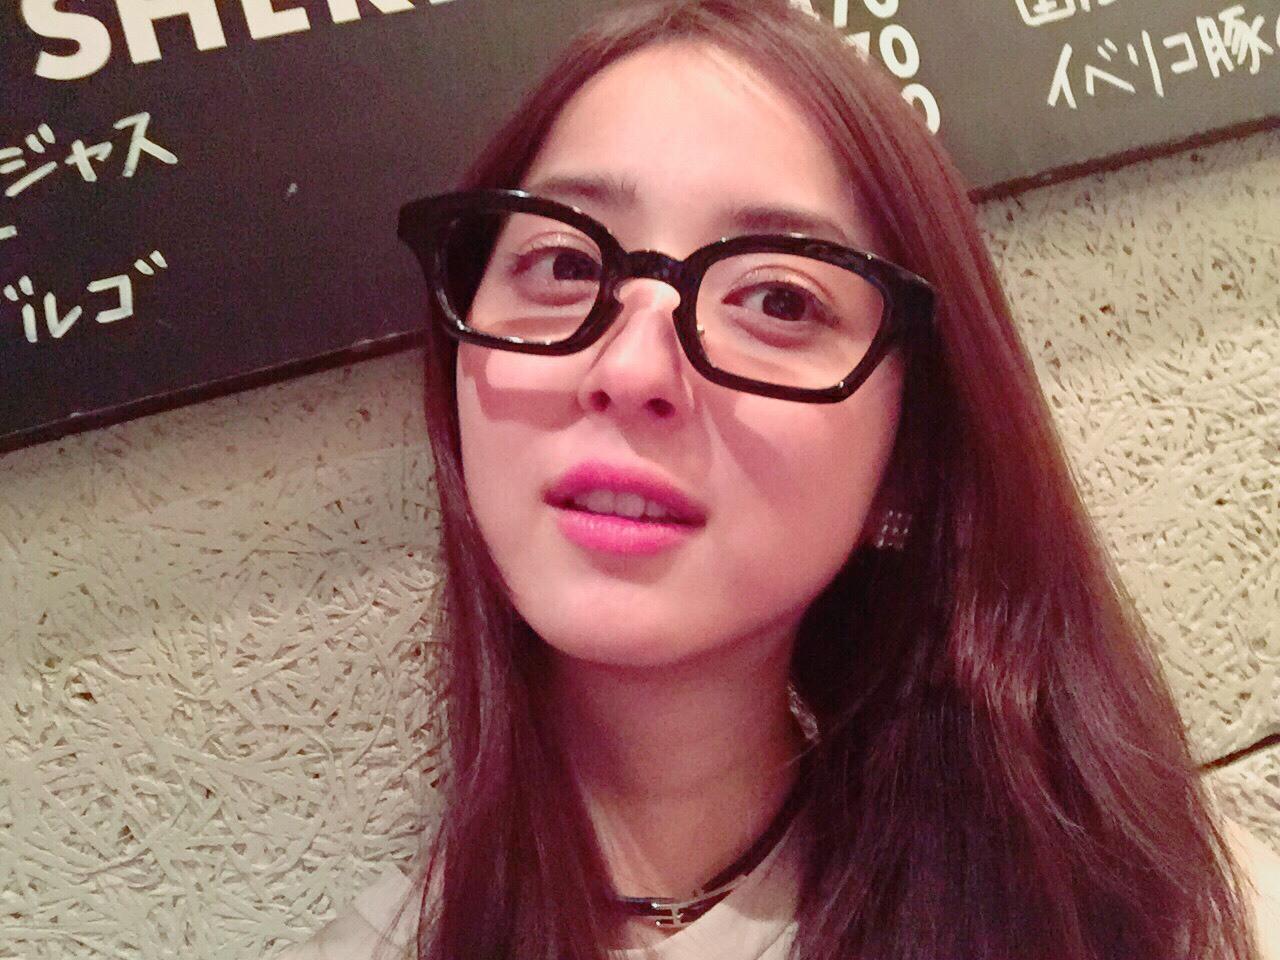 佐々木希のメガネ姿が可愛い!視力は悪い?それとも伊達メガネ?4